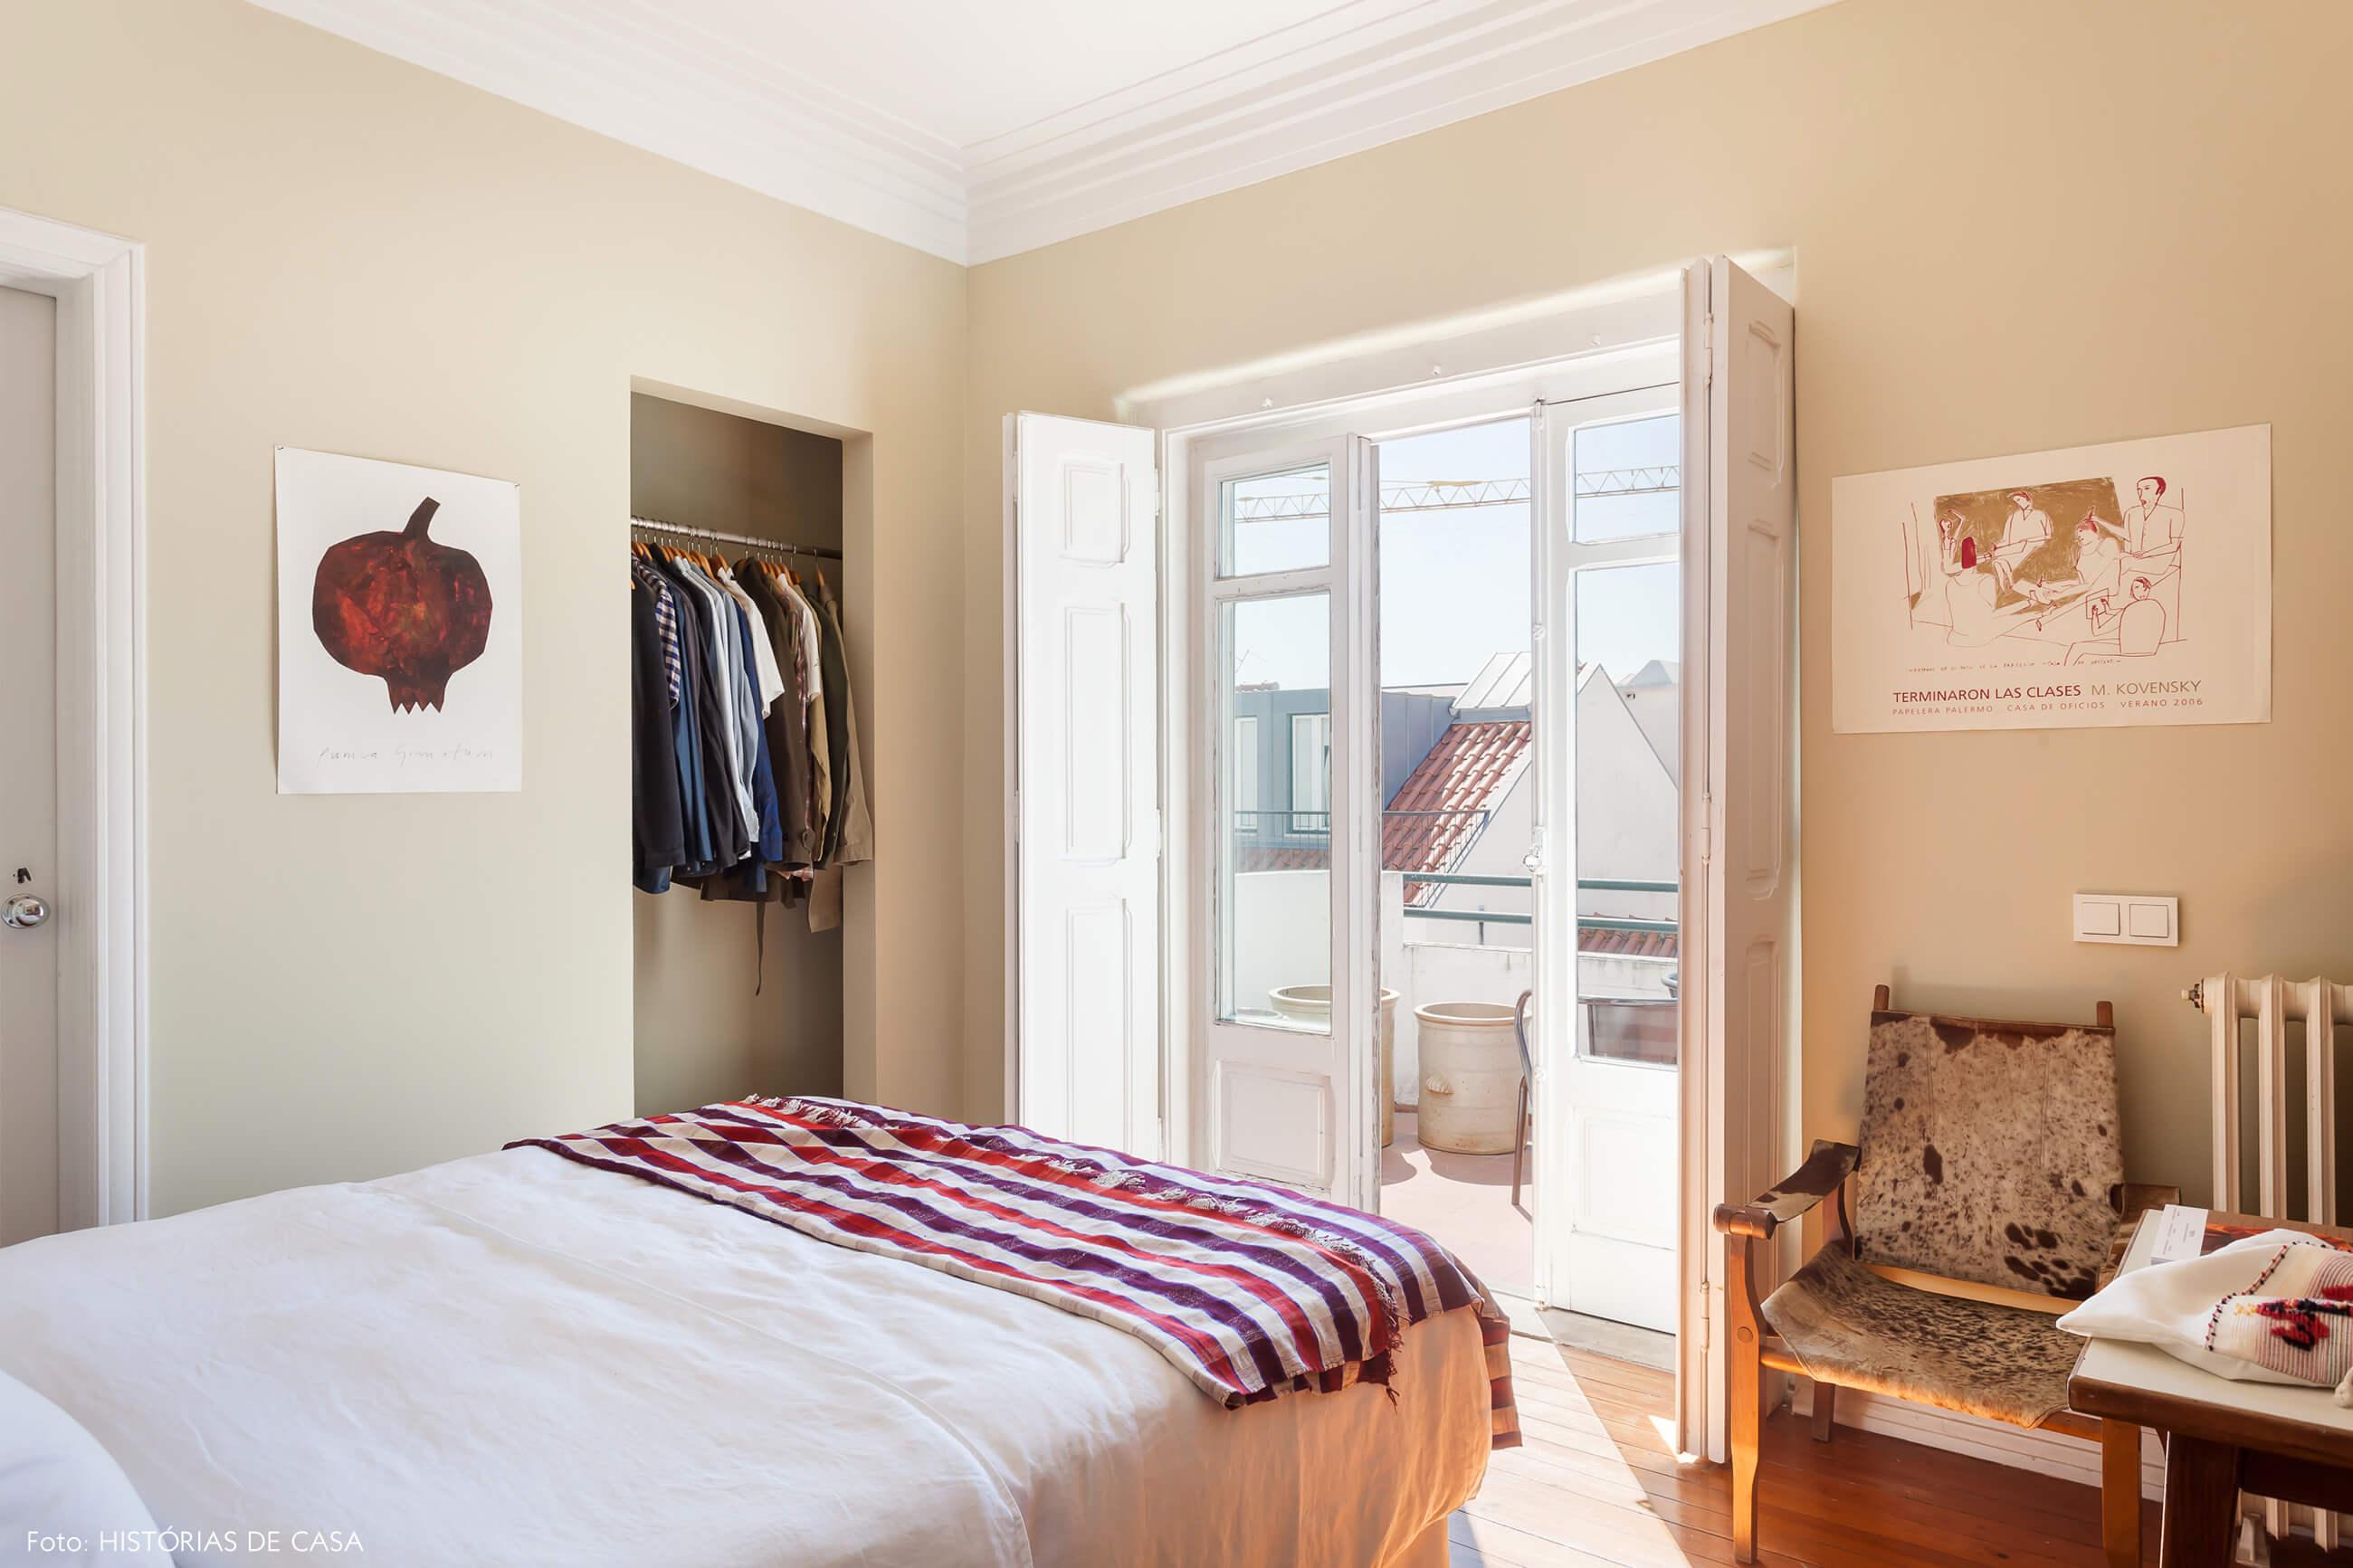 Ap decoração com parede bege e cama com lençol vermelho